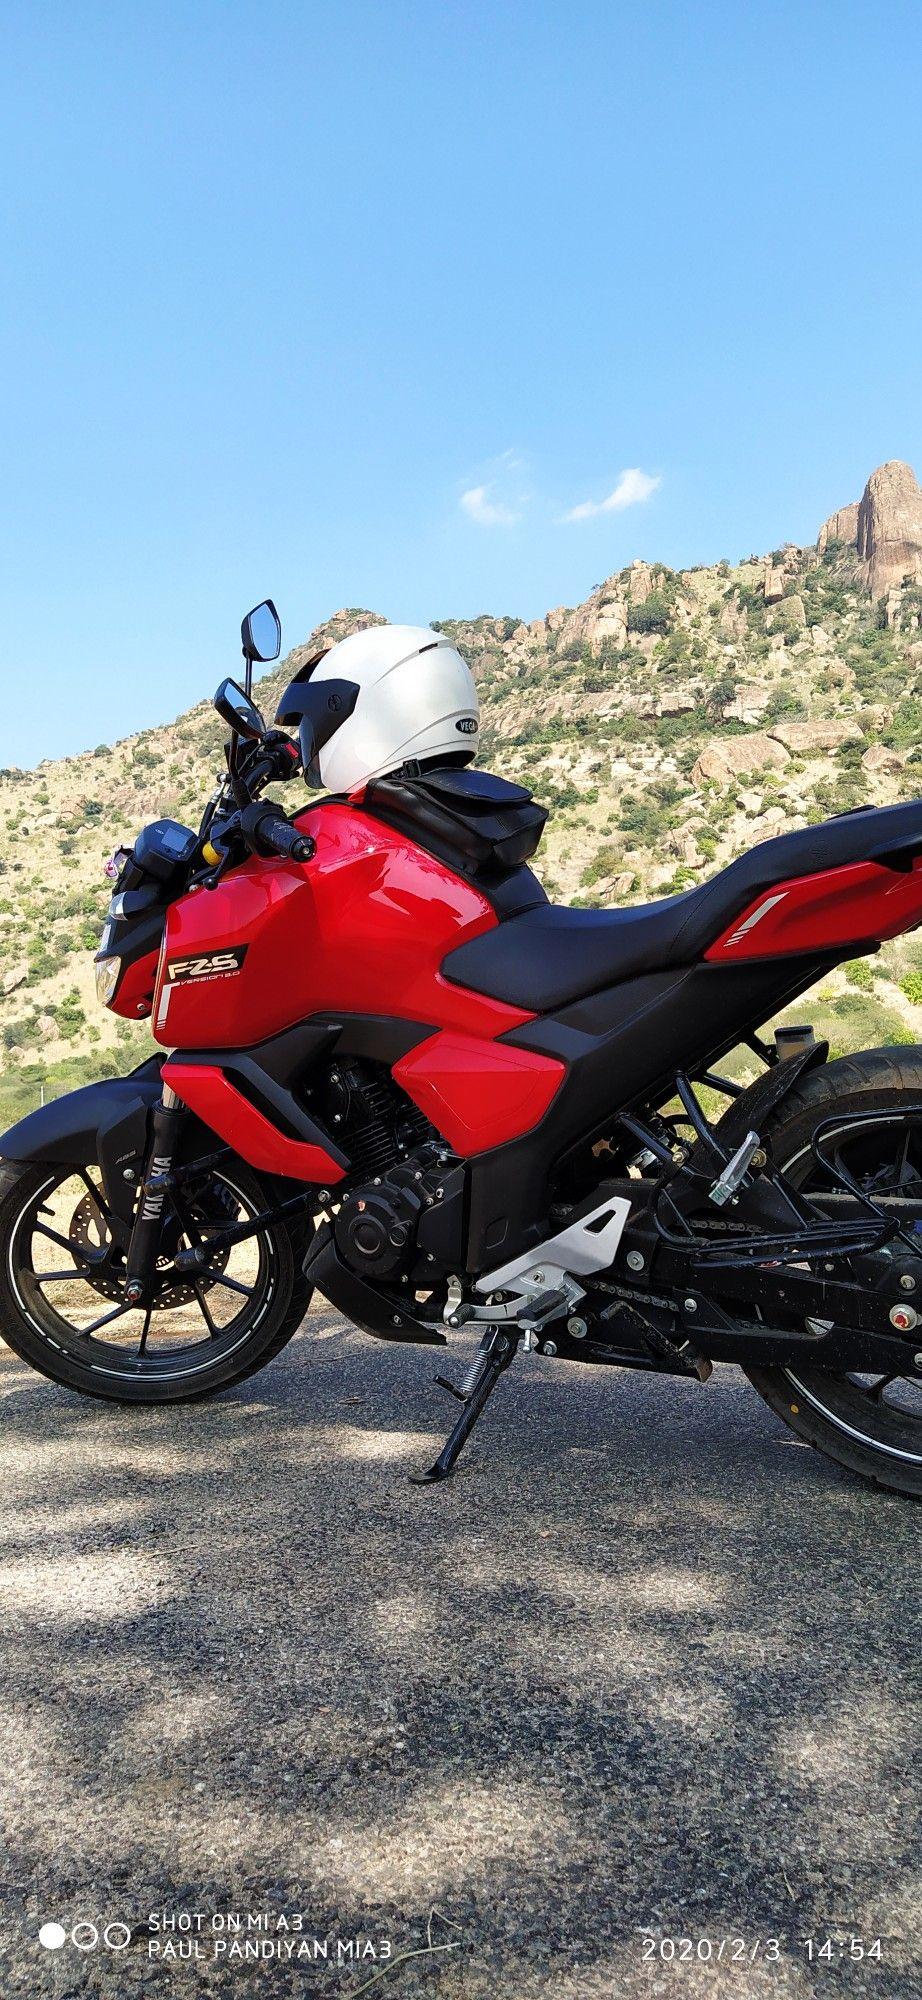 Bike Indian Super New Model Bike In 2020 Fz Bike Yamaha Fz